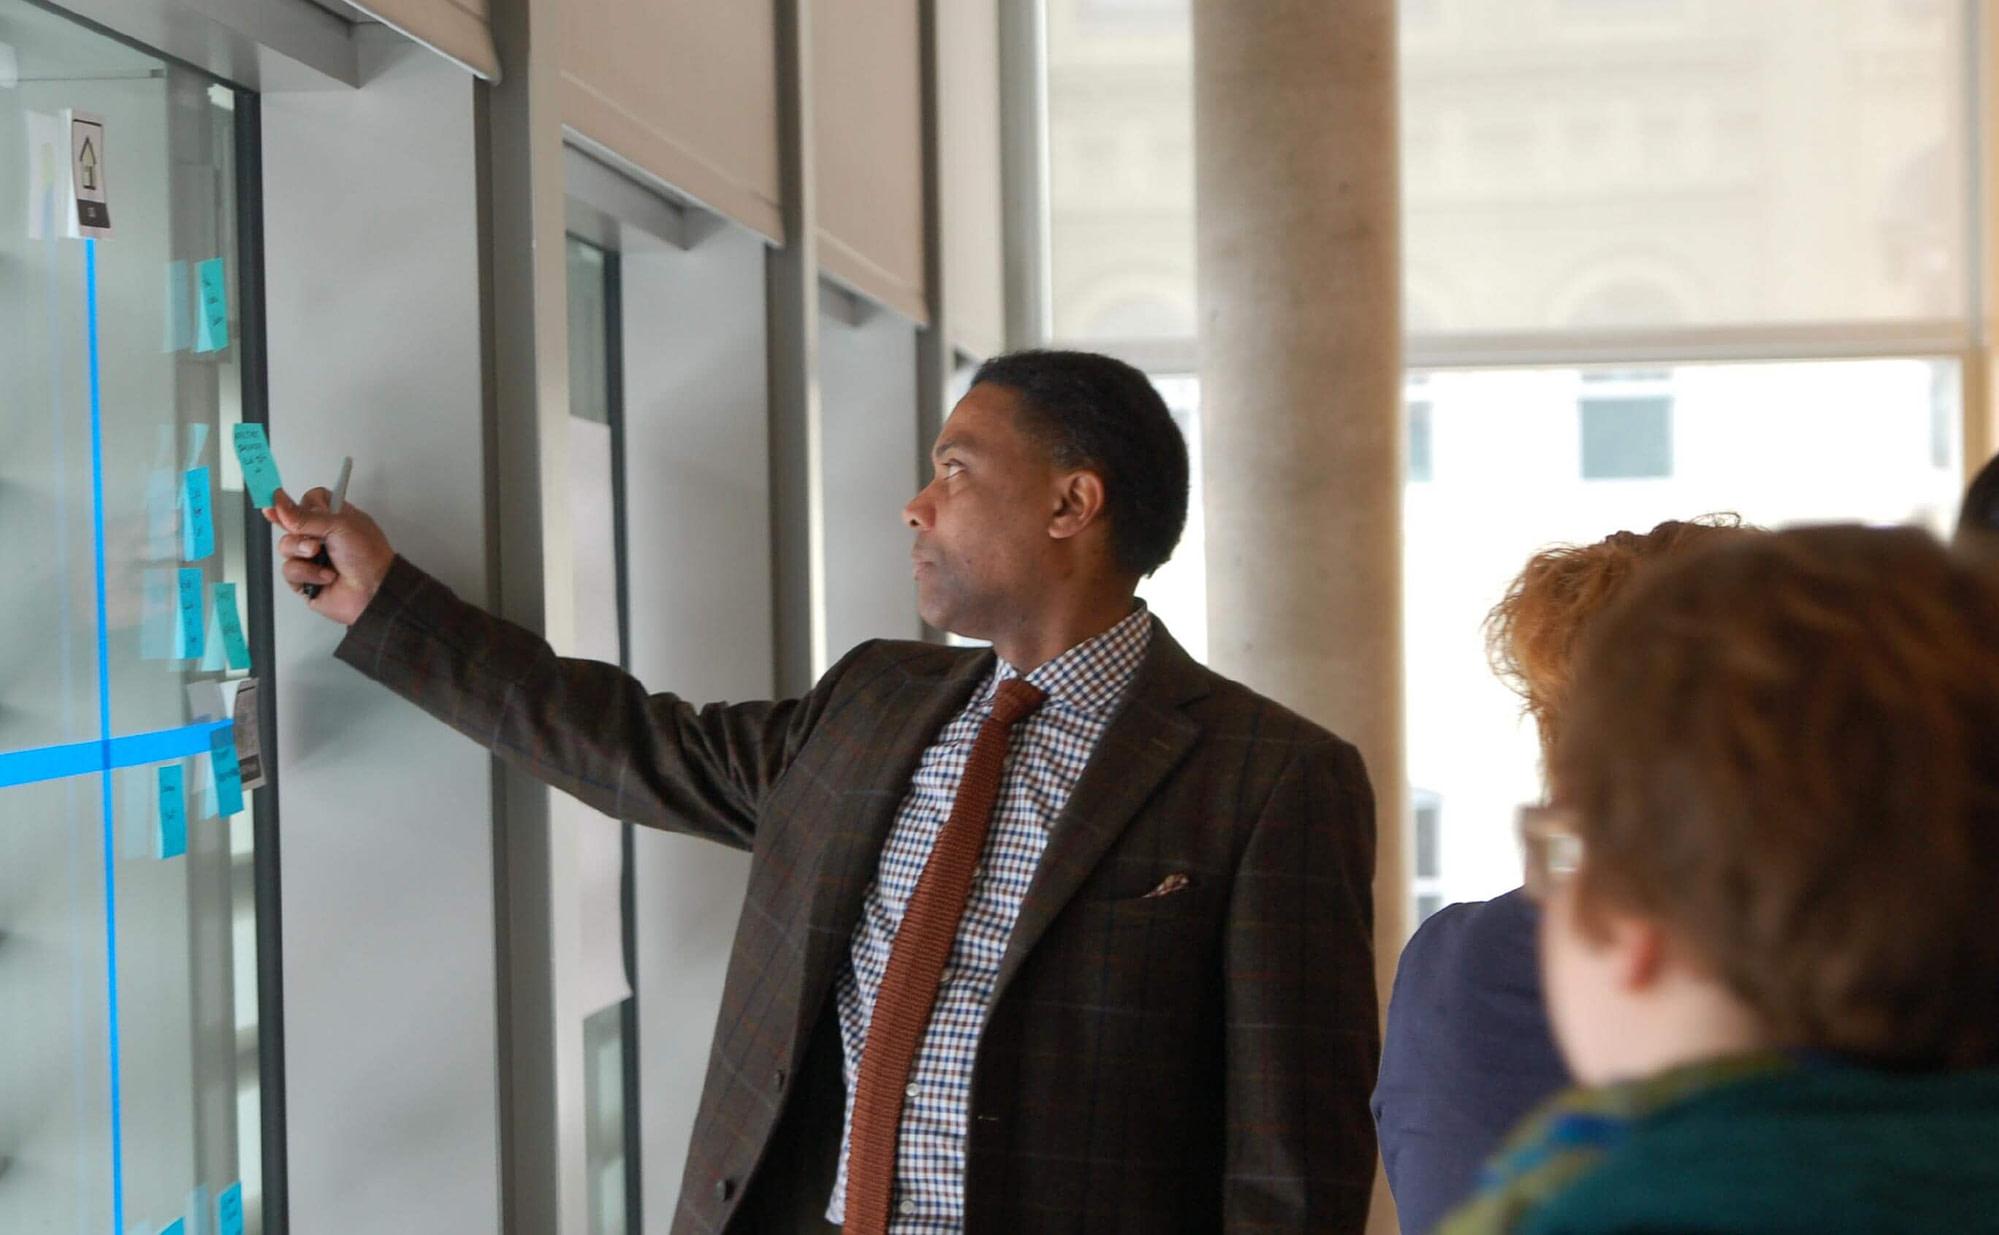 Customer Brainstorming at the GRAM (Grand Rapids Art Museum)